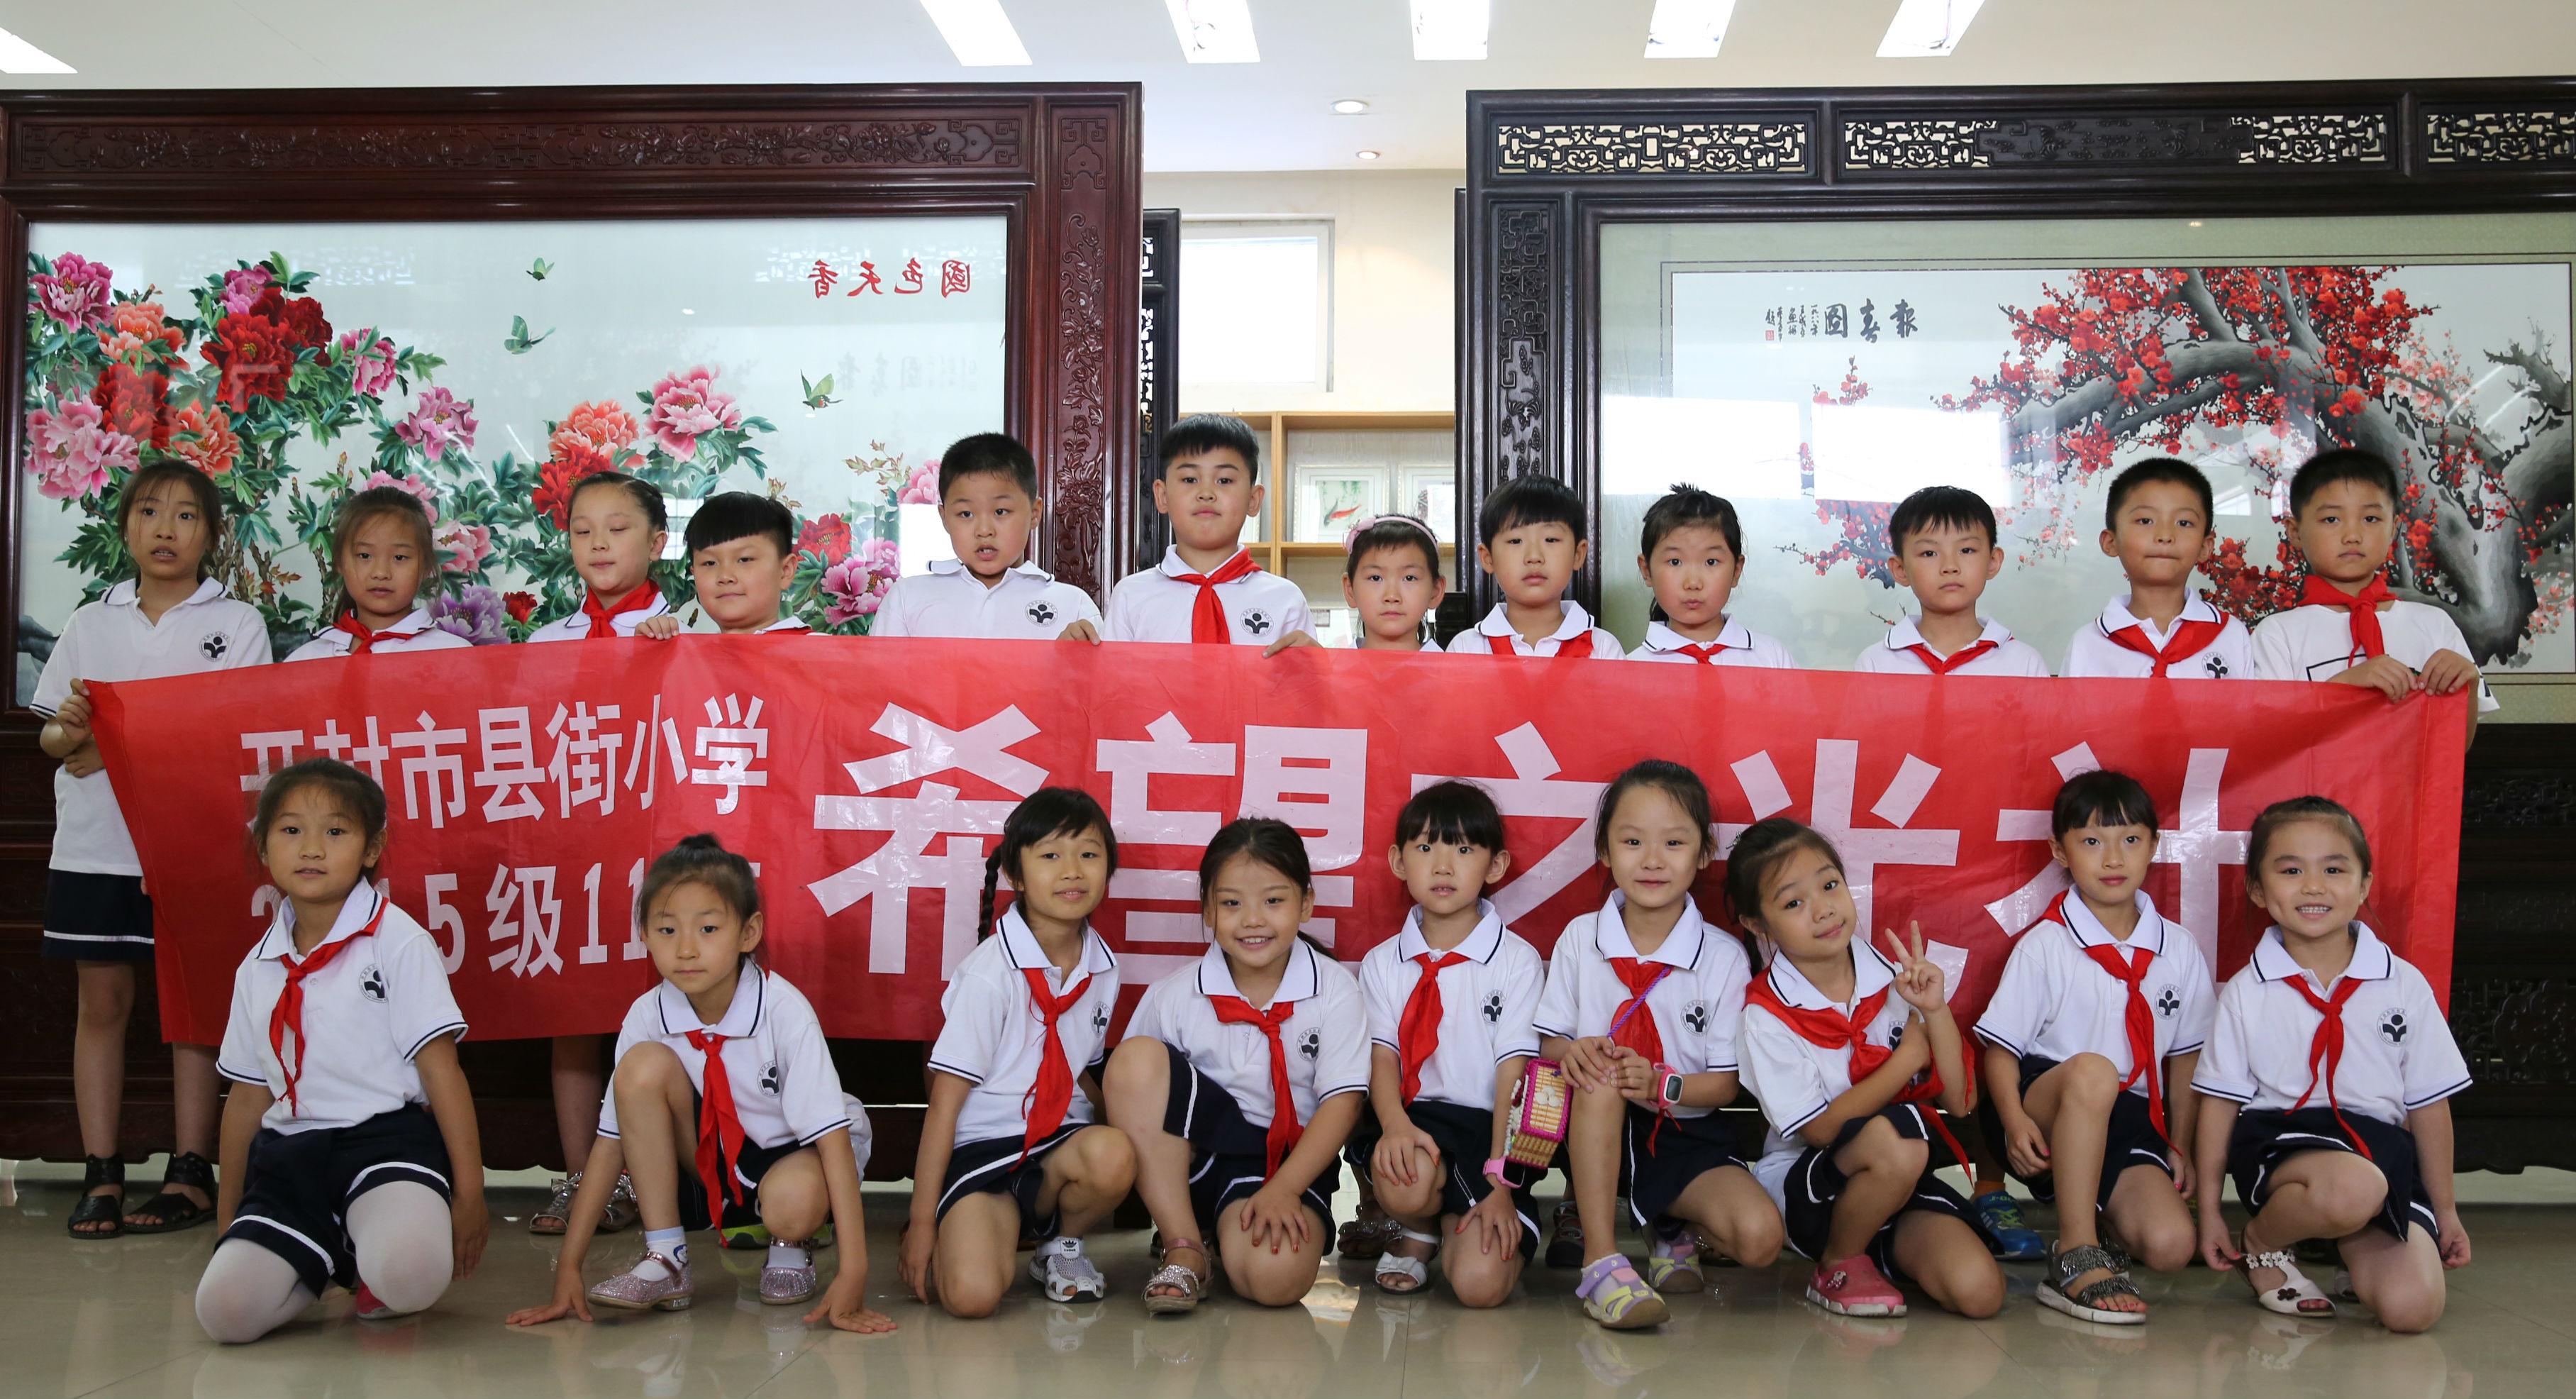 开封小学街市县、一师附小组织学生到开封汴绣中小学计算机v小学图片